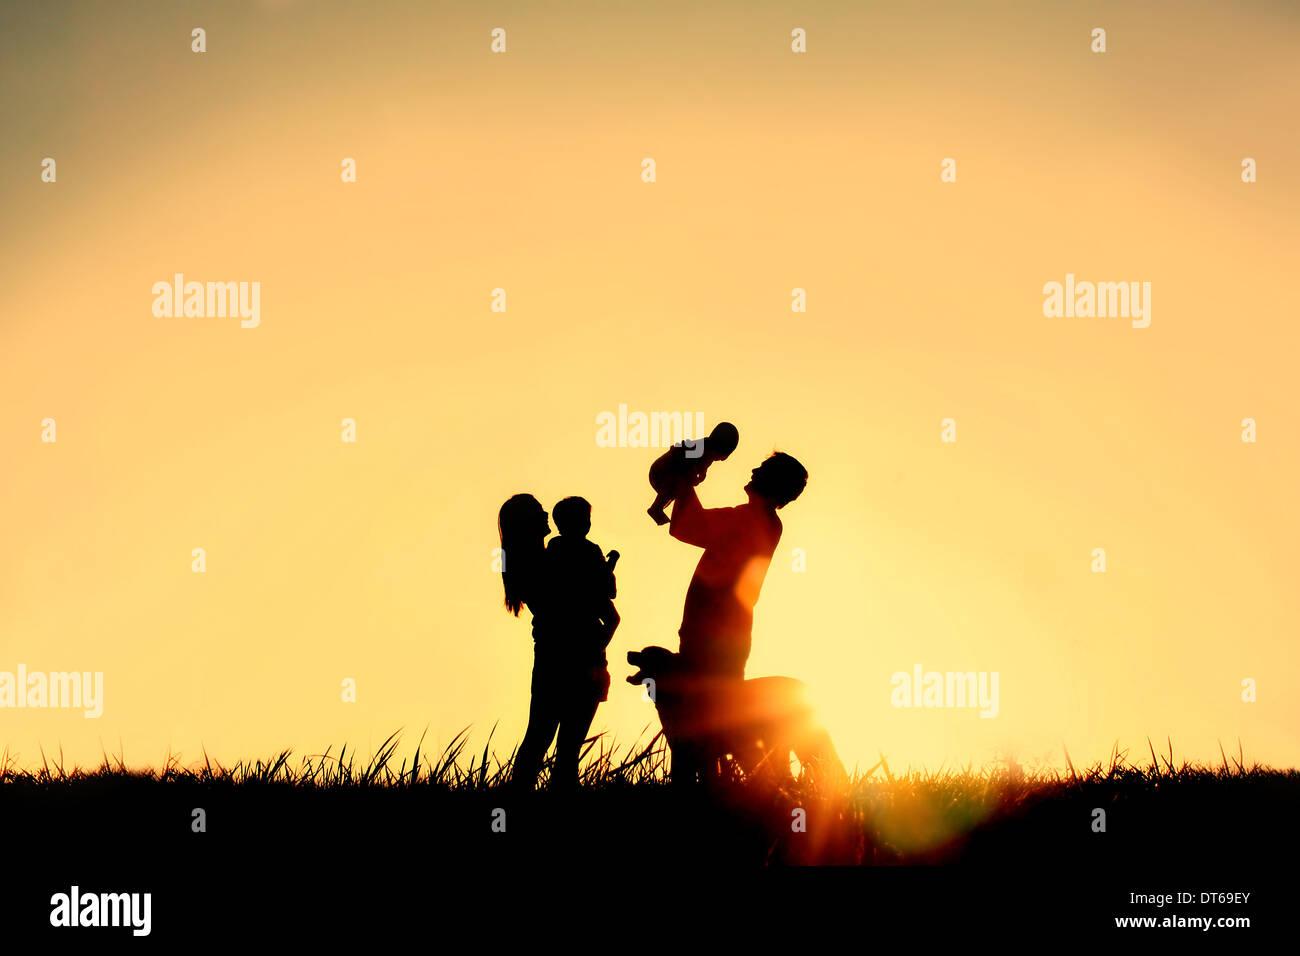 La silhouette d'une famille heureuse de quatre personnes, le père, la mère, un bébé et enfant, et de leur chien en face d'un ciel temporaire, Photo Stock